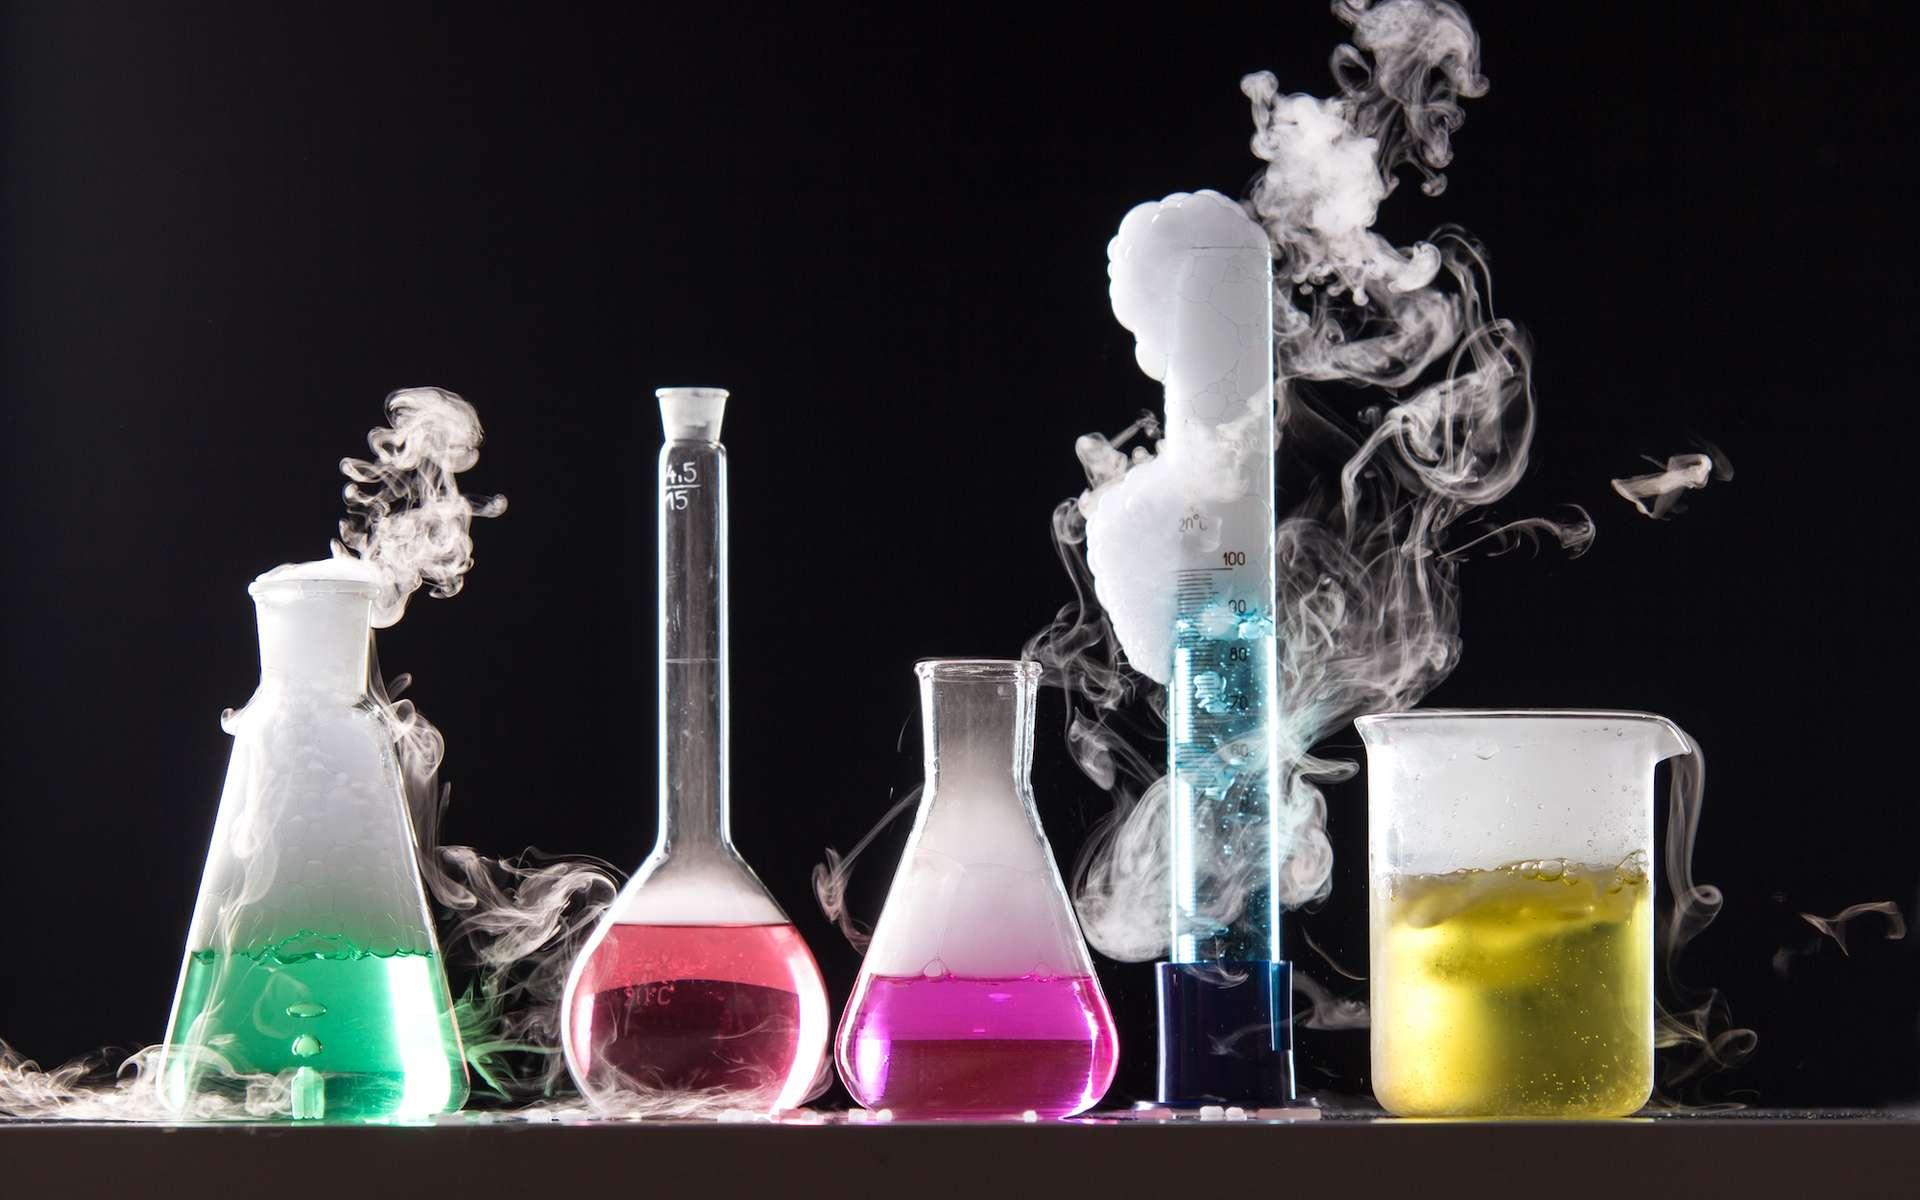 Au cours d'une réaction chimique, des espèces chimiques se transforment en d'autres espèces chimiques. © Michael Ludwiczak, Shutterstock